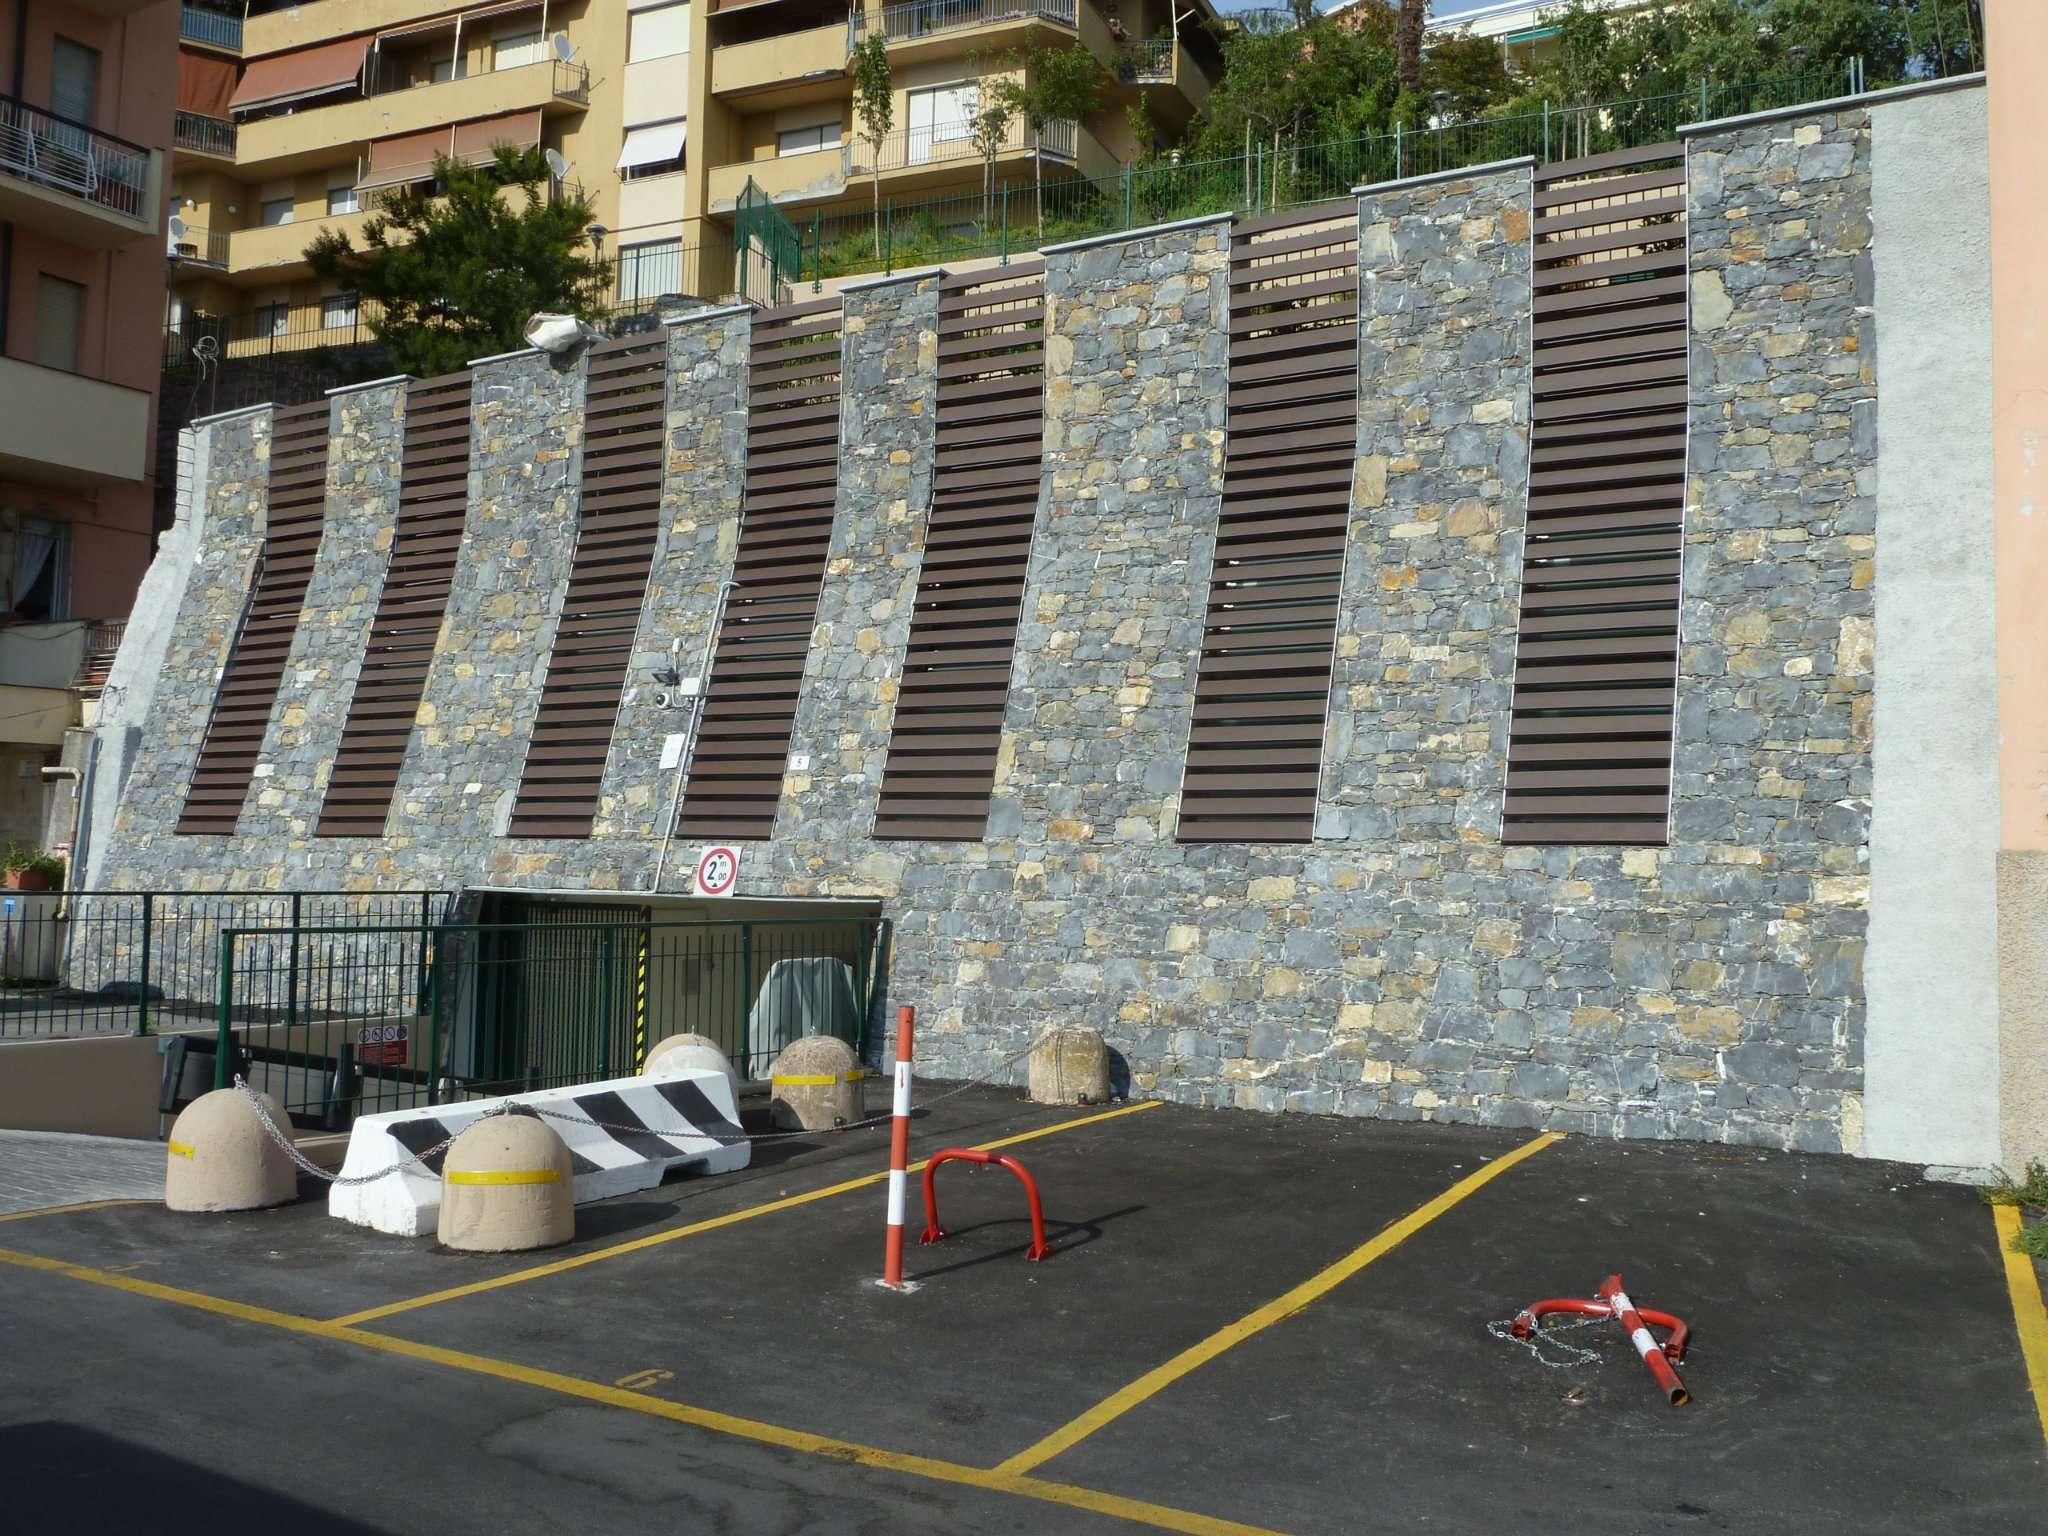 Foto 1 di Box / Garage via Mario Preve, Genova (zona Carignano, Castelletto, Albaro, Foce)